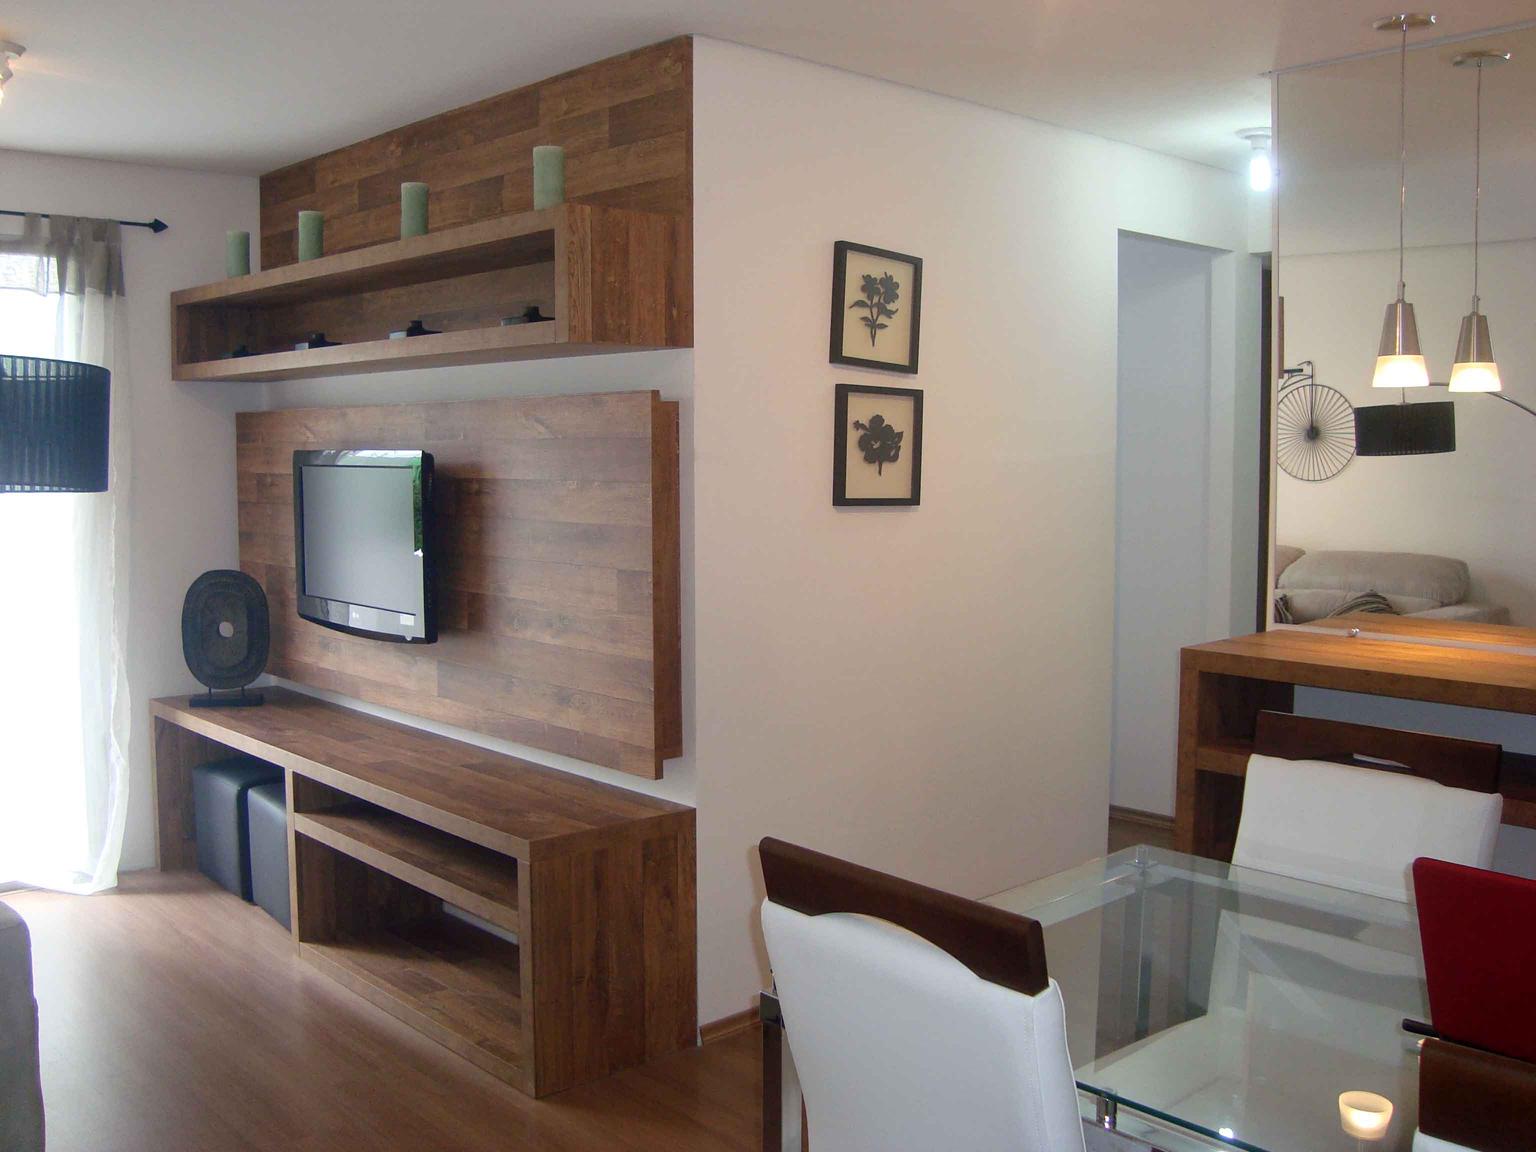 #604637 salas pequenas 1536x1152 píxeis em Decoração De Sala Pequena Simples Fotos